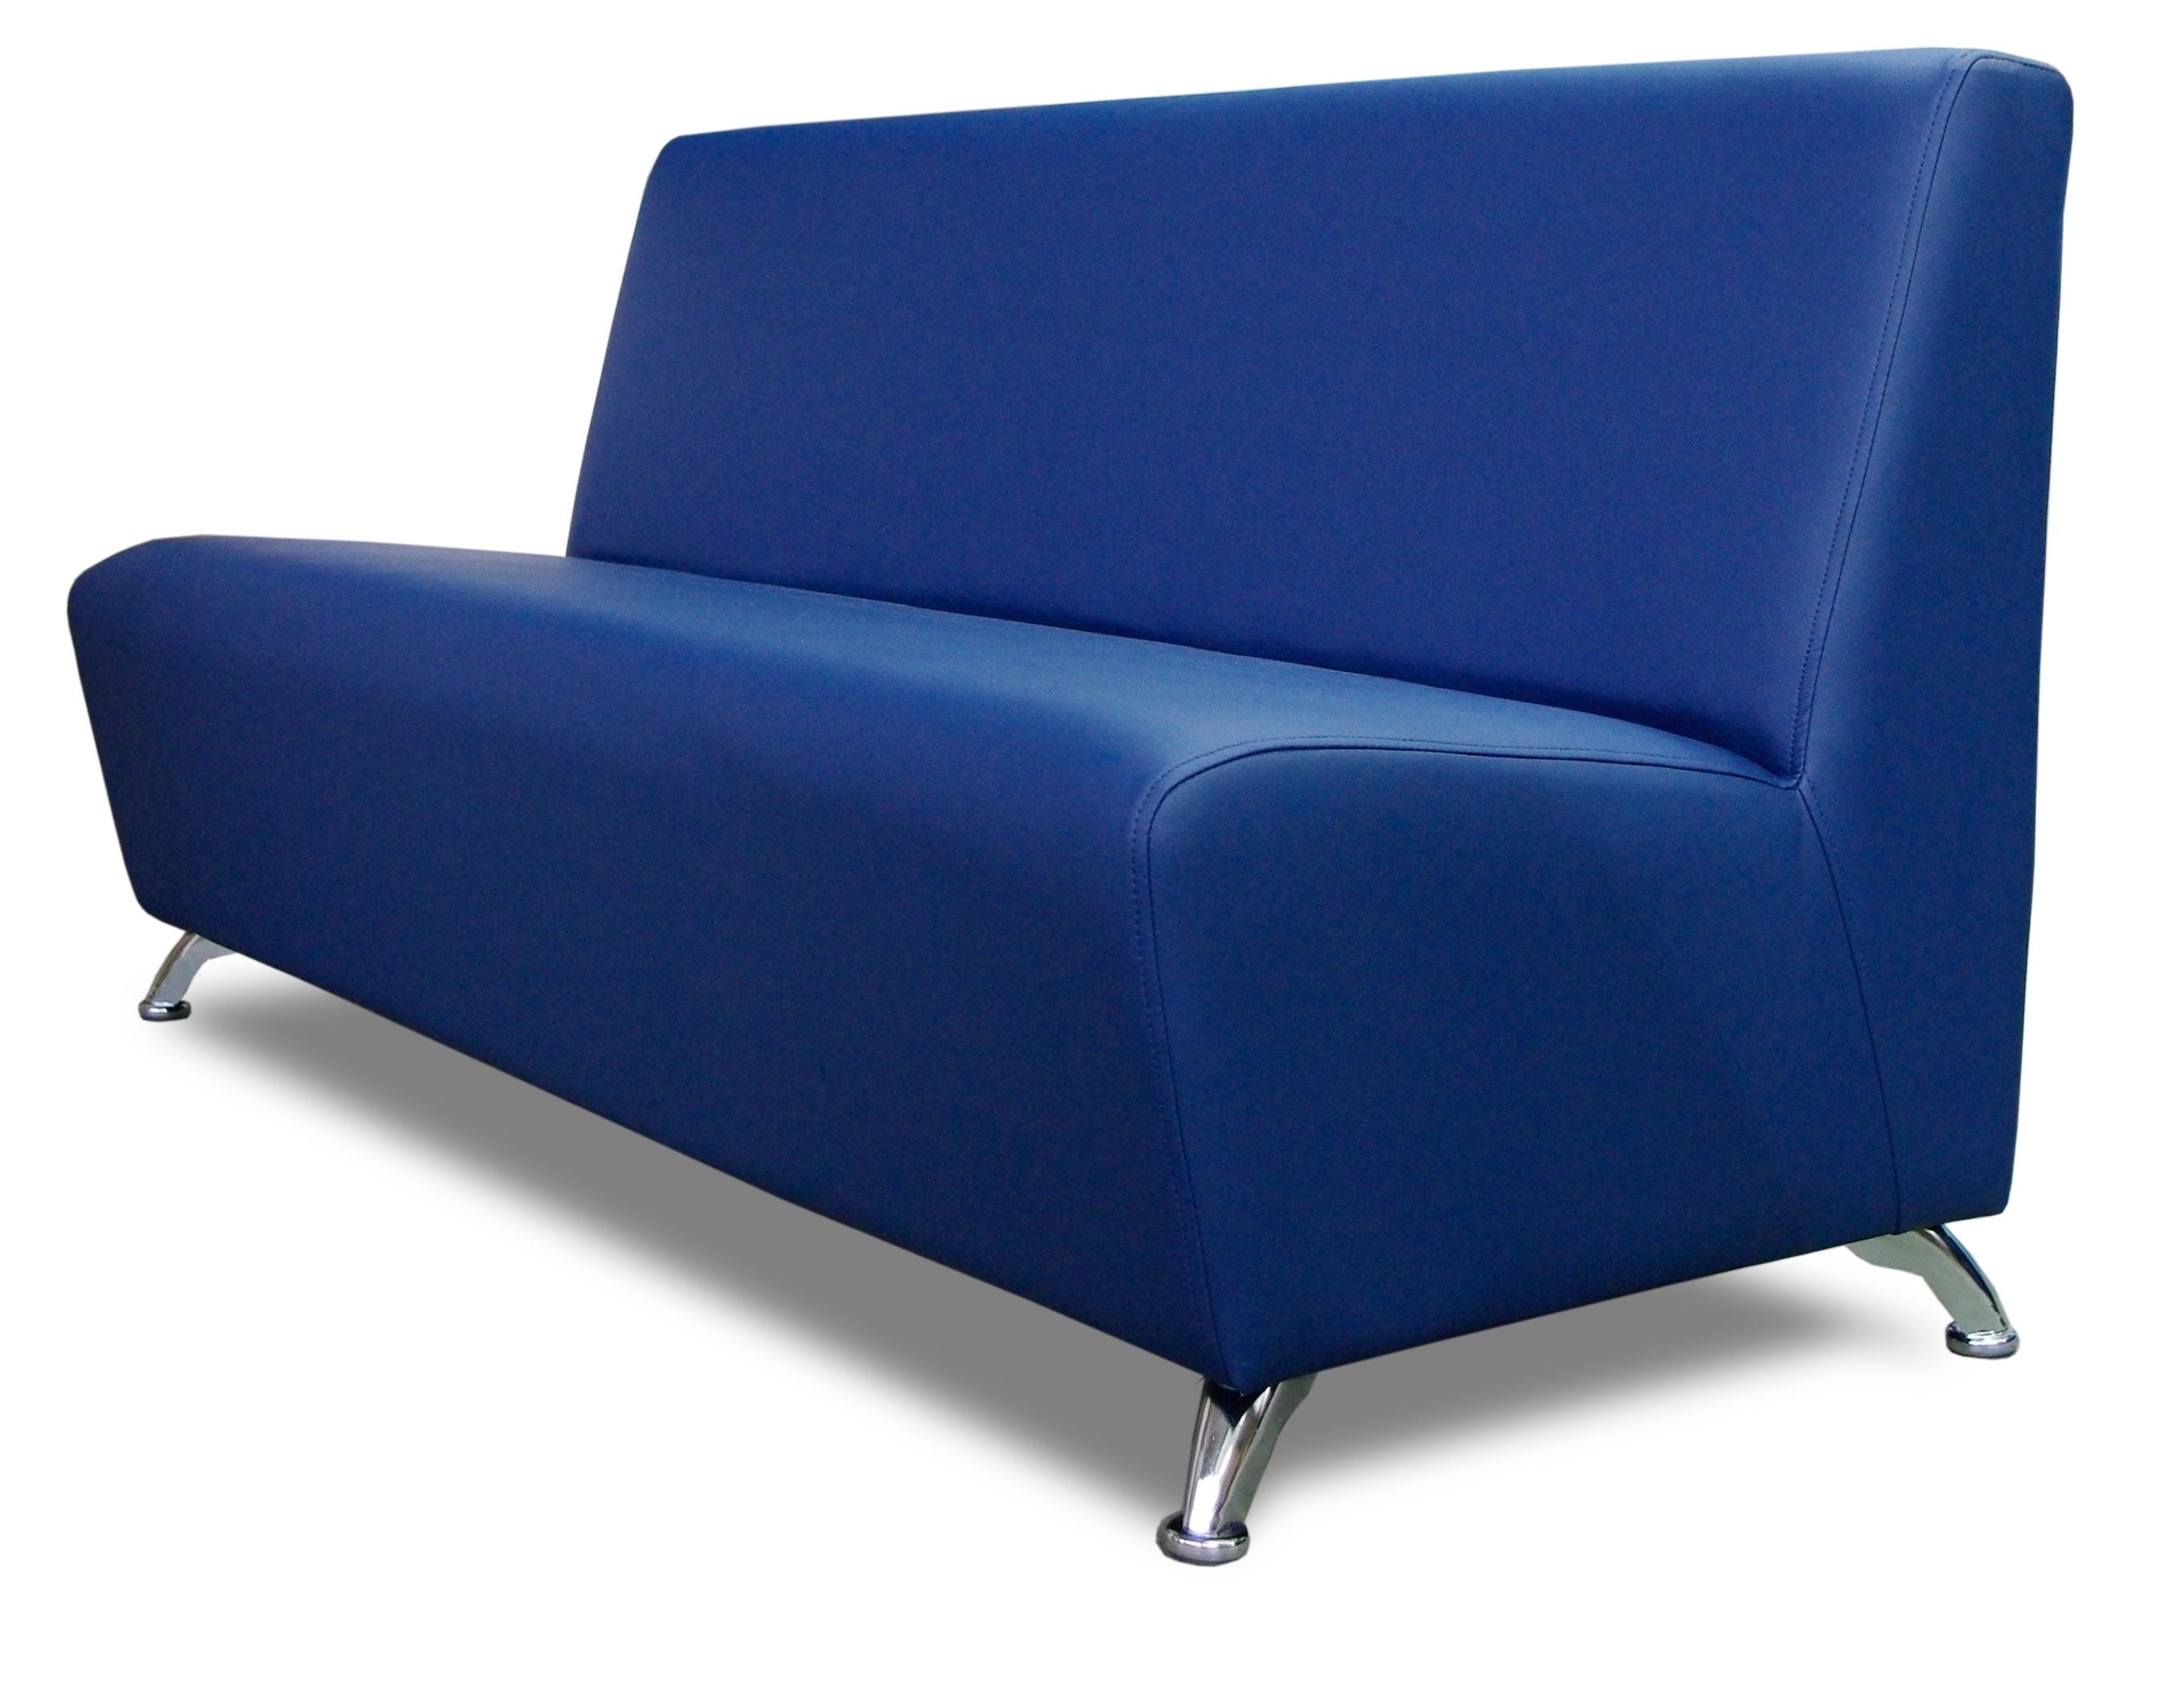 диваны кресла для кафе ресторанов на заказ в москве компания идеал